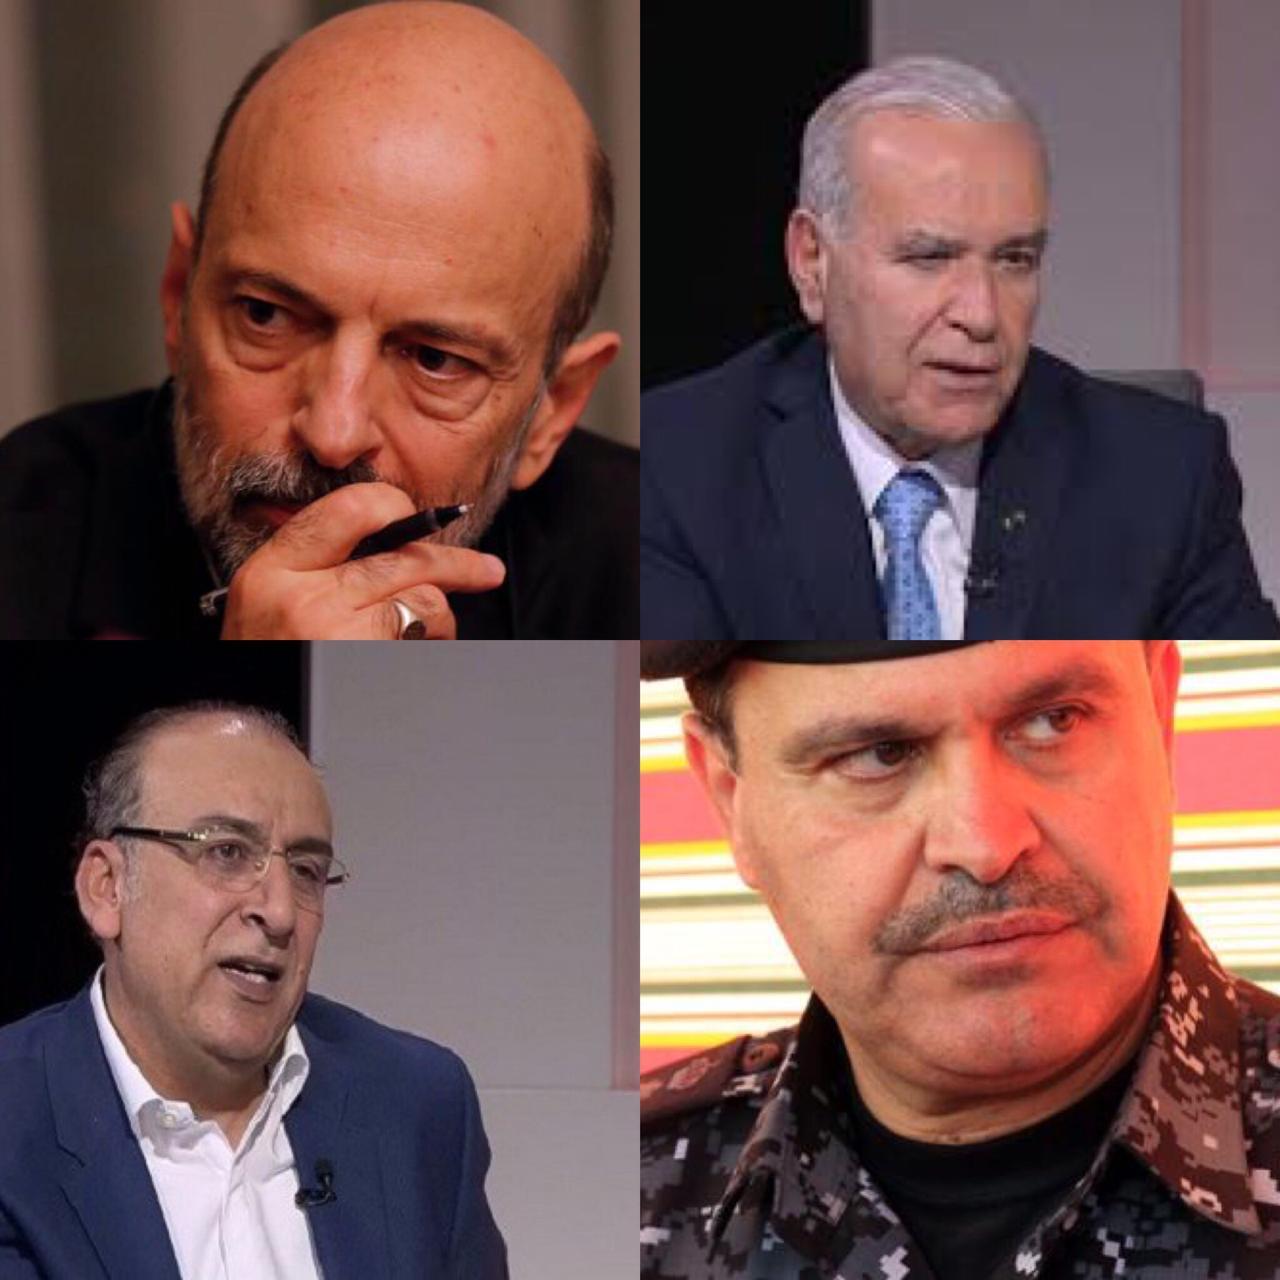 خلاف الرزاز والمعاني صب في مصلحة أبو يامين  ..  وحسين المجالي بديلاً لحماد